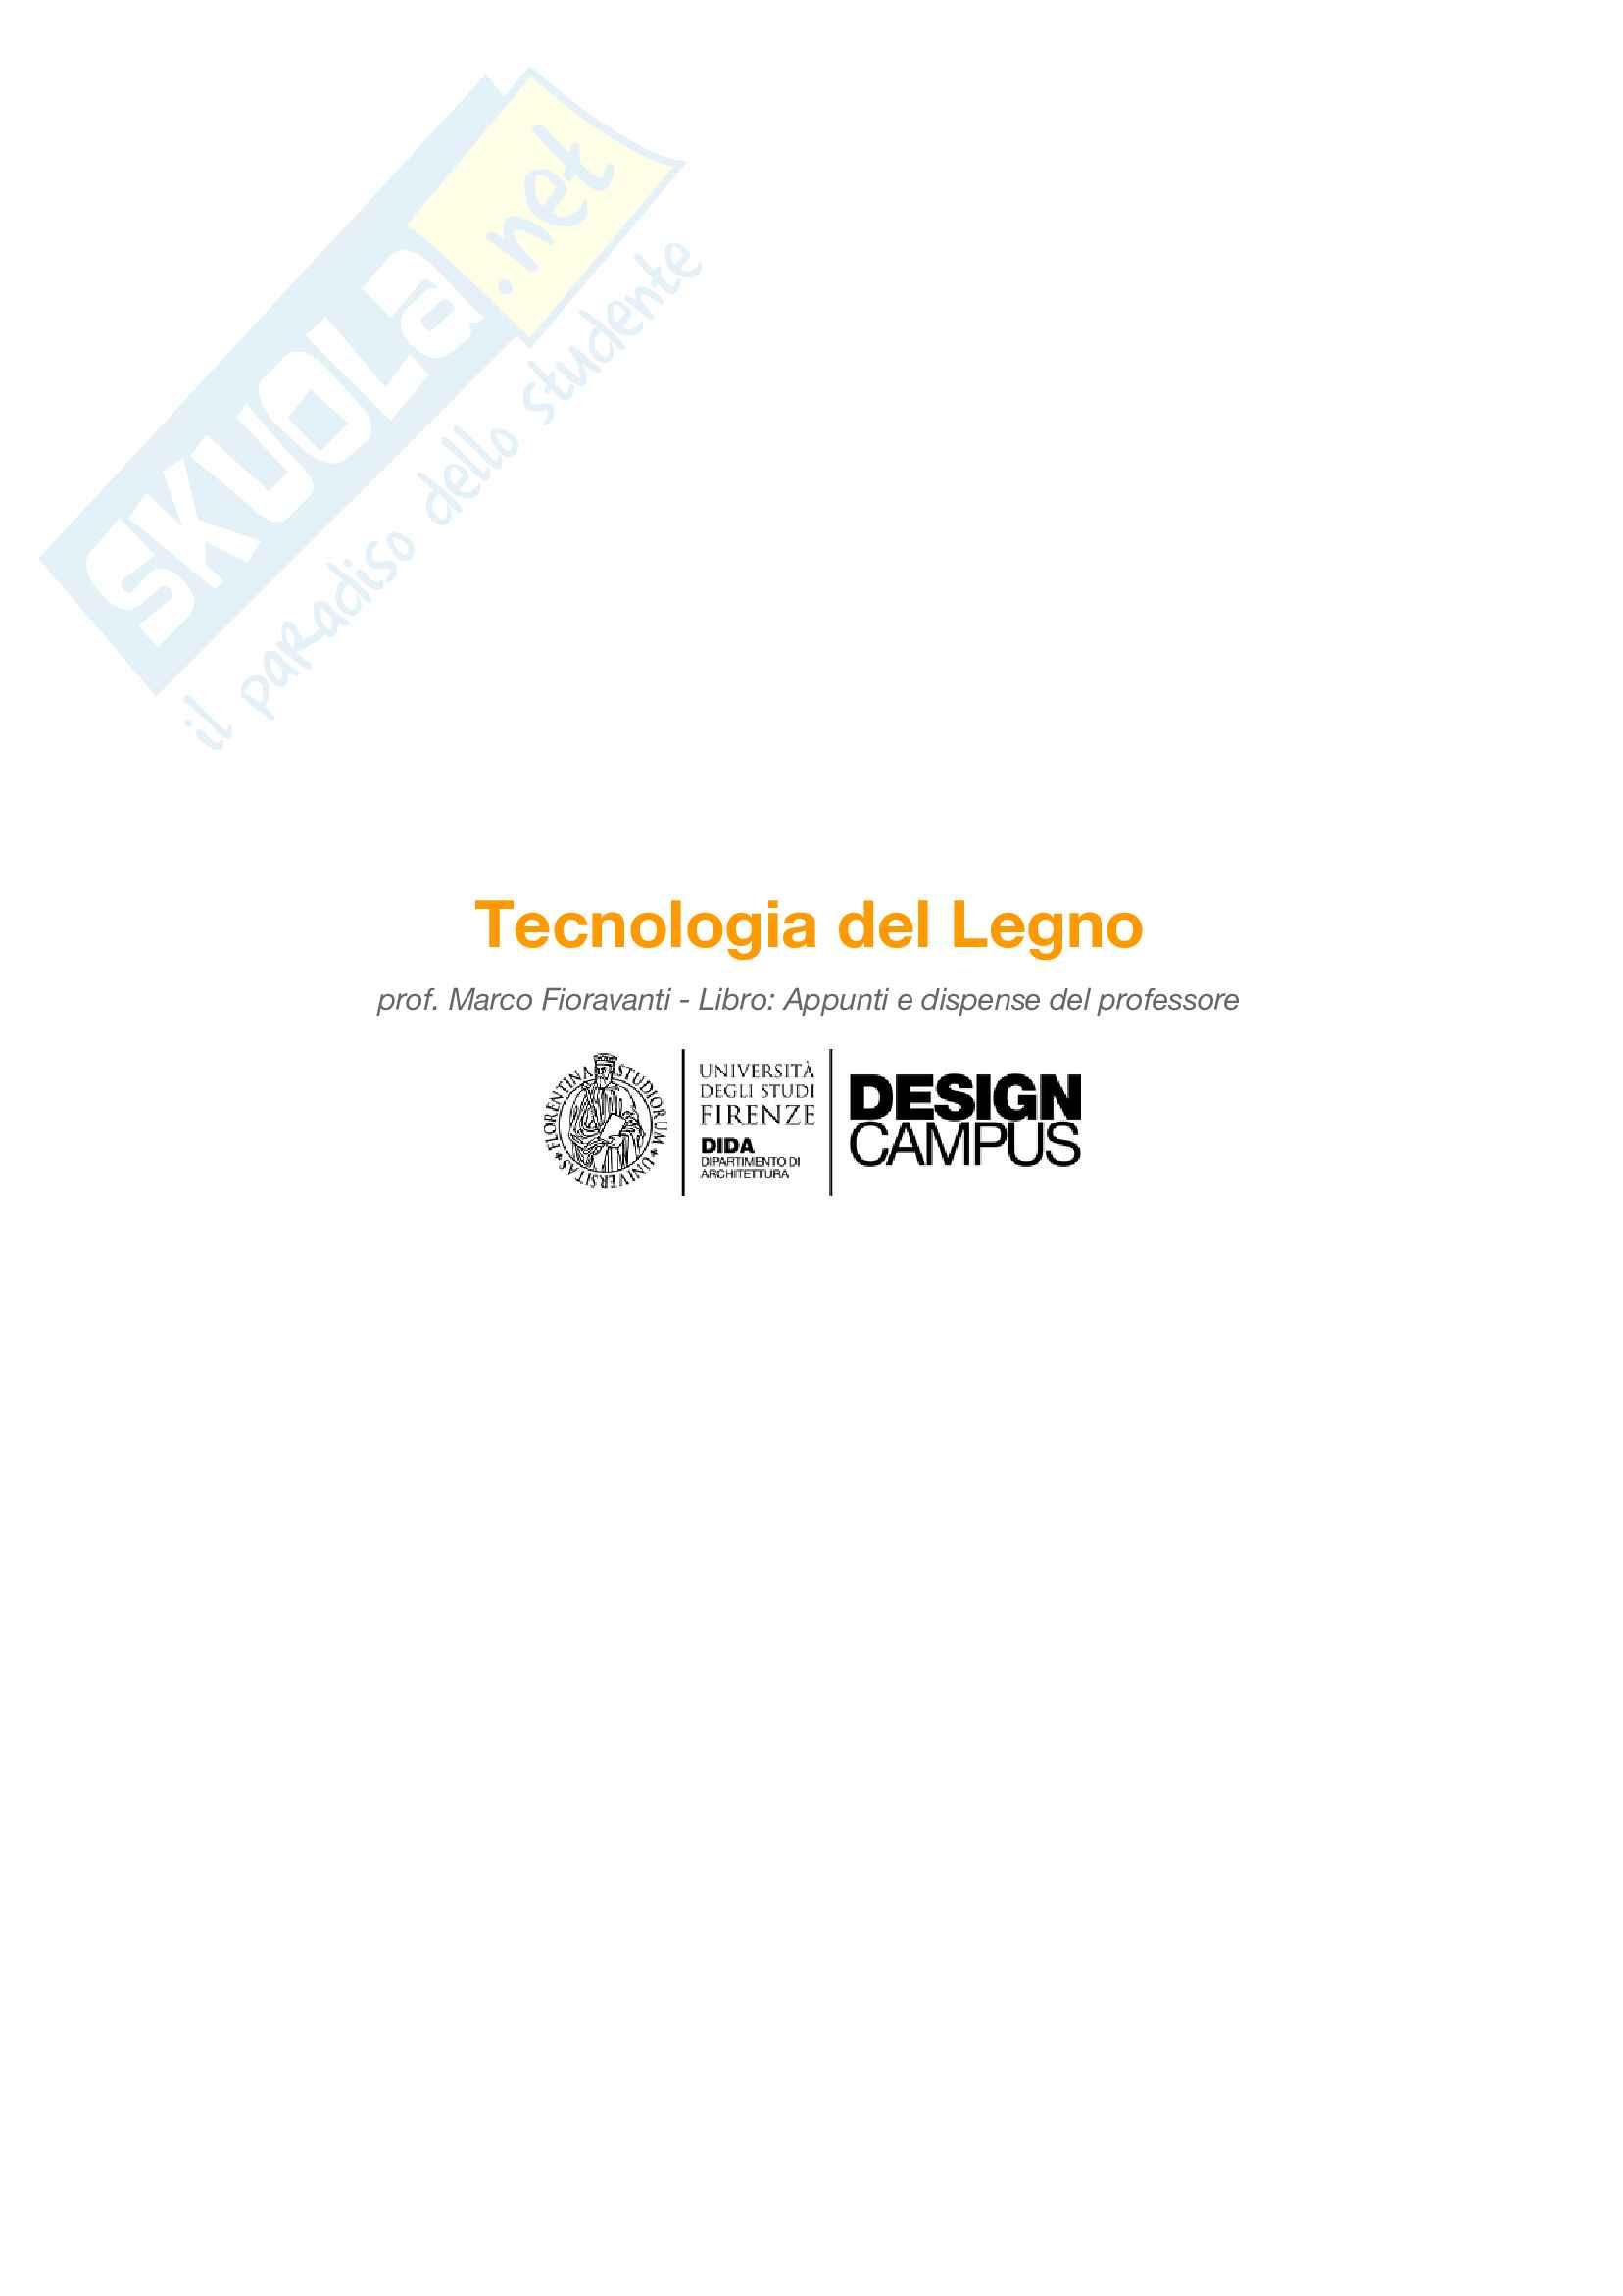 Riassunto esame Tecnologia del Legno, prof. Marco Fioravanti, basato su appunti presi a lezione e dispense del professore